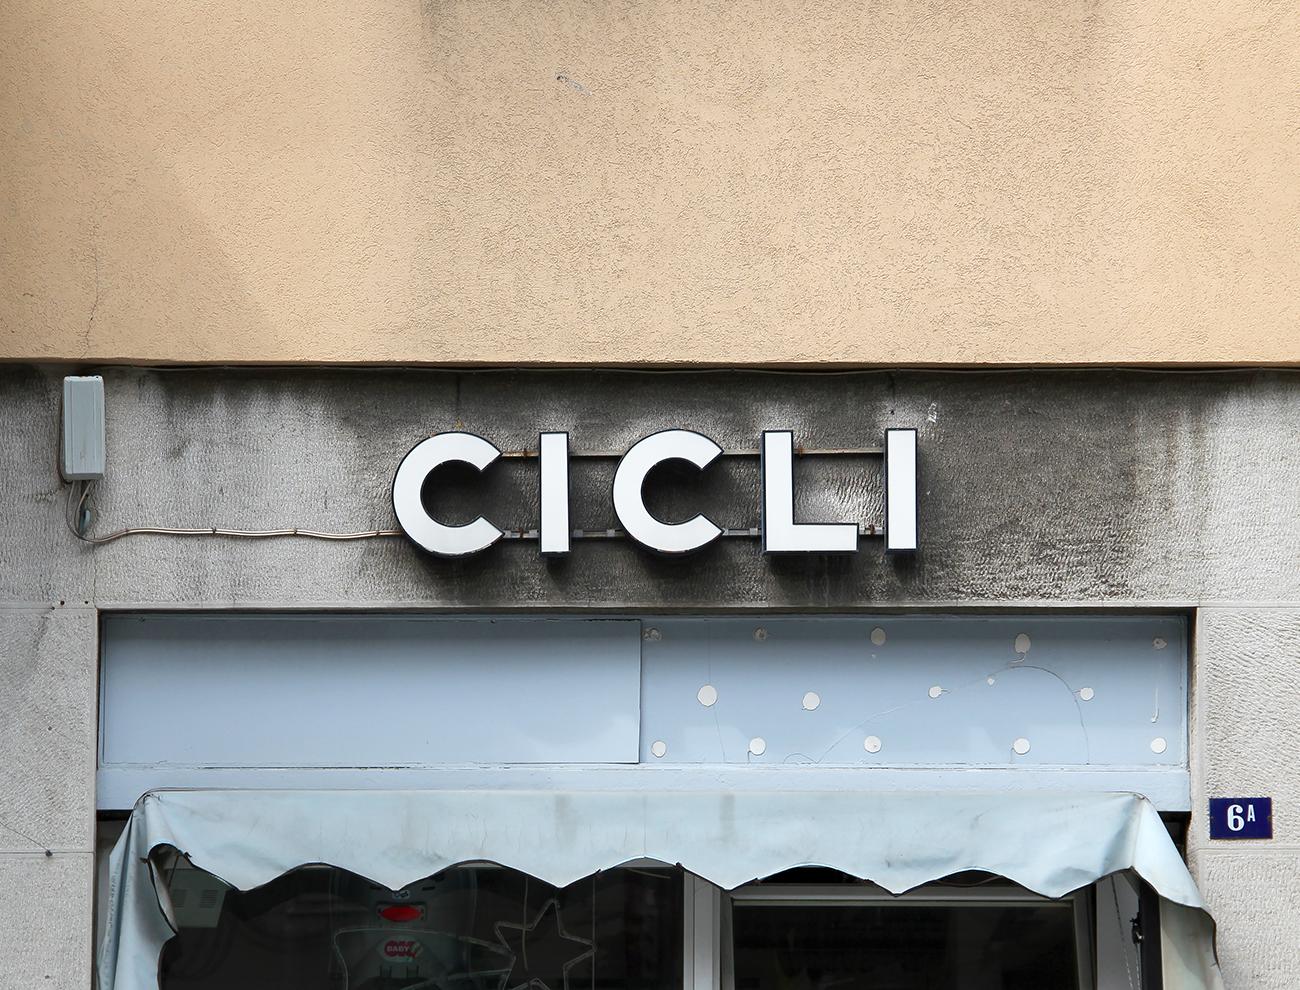 10_Cicli_pOspitale_6.jpg